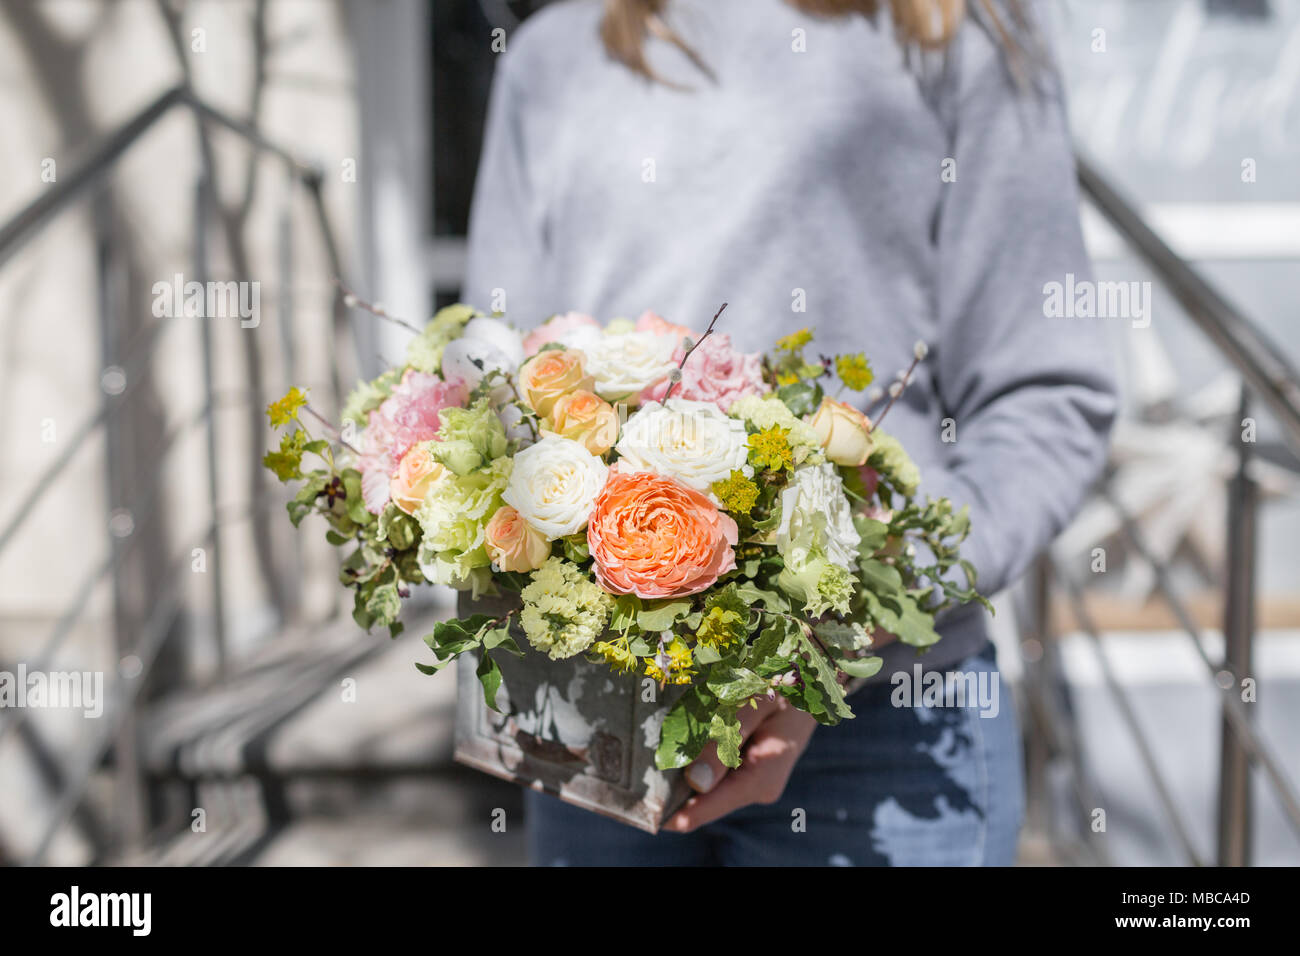 Die Zustellung der Blumen in Frauenhand. Floristik Konzept. Frühling ...